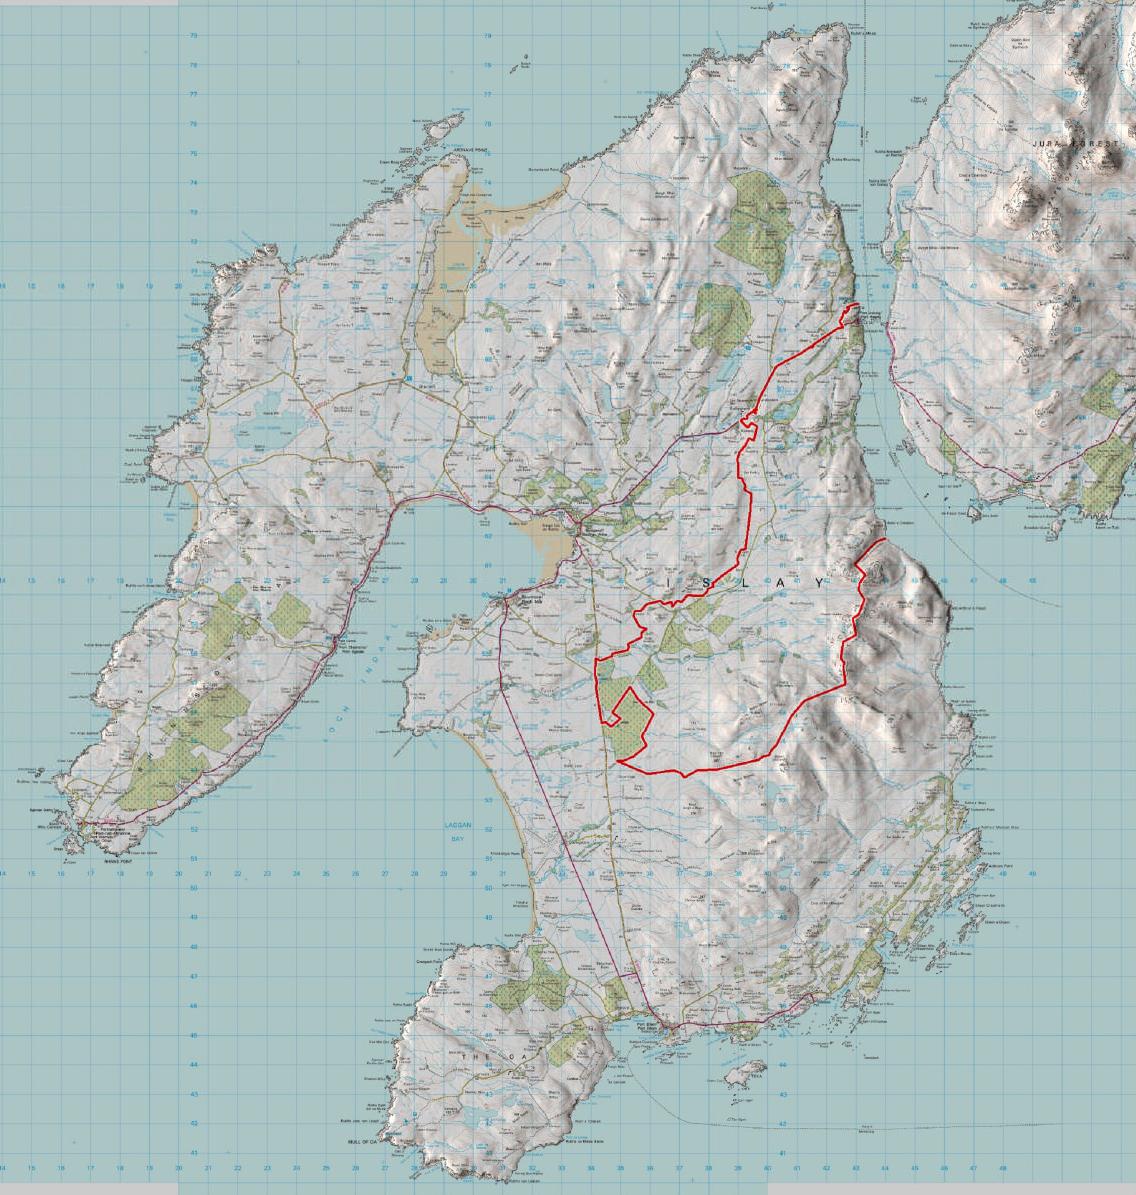 Dunlossit Estate Map.jpg